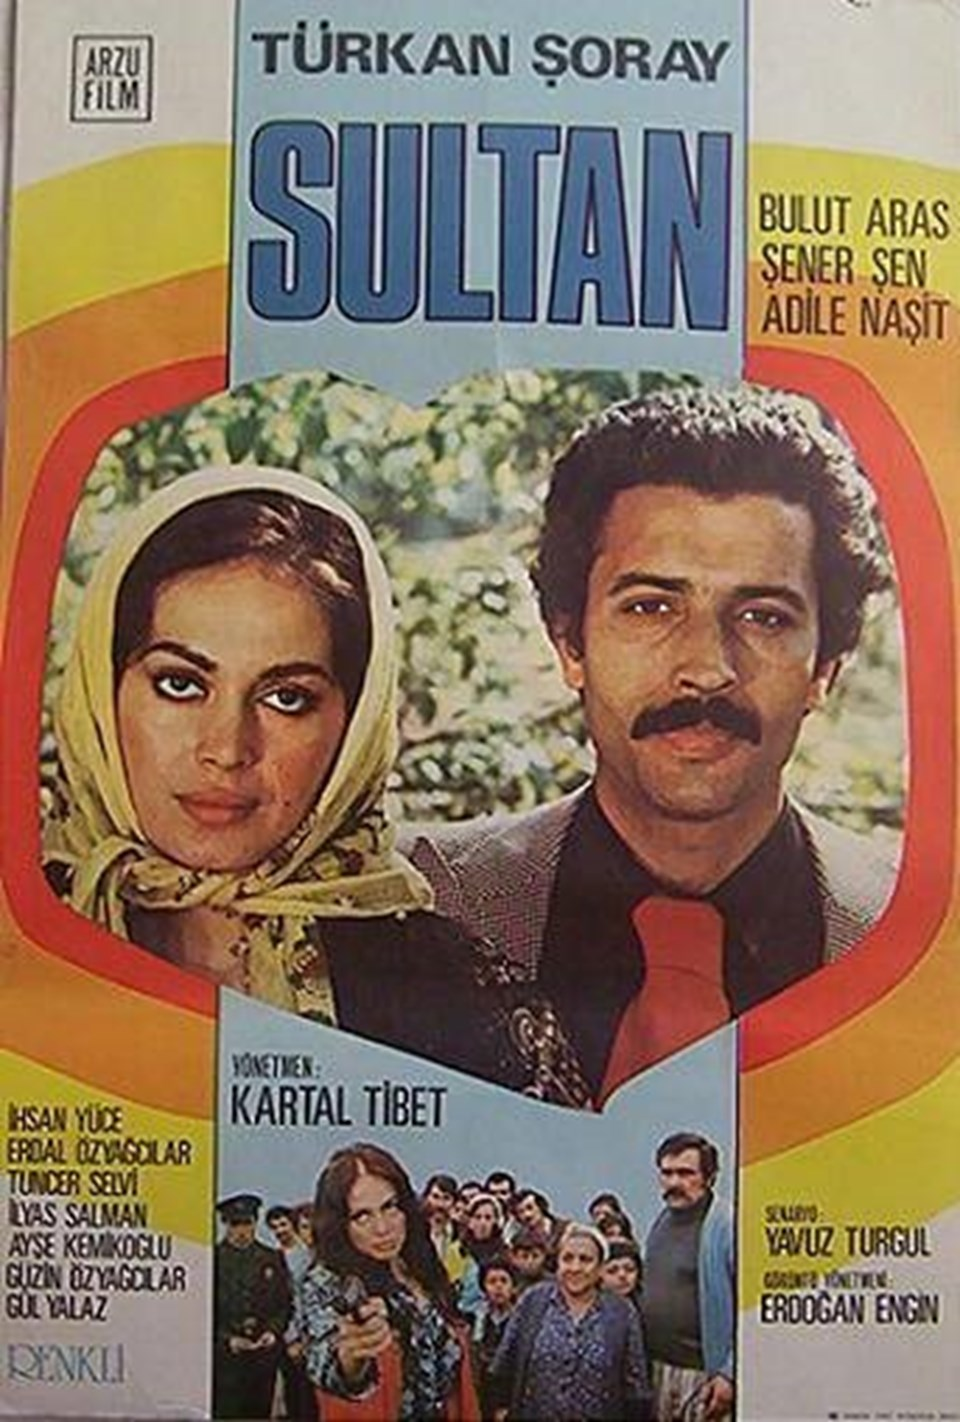 """""""Sultan""""da Adile Naşit, Şener Şen, İhsan Yüce, Erdal ve Güzin Özyağcılar, İlyas Salman gibi usta oyuncular rol aldı."""